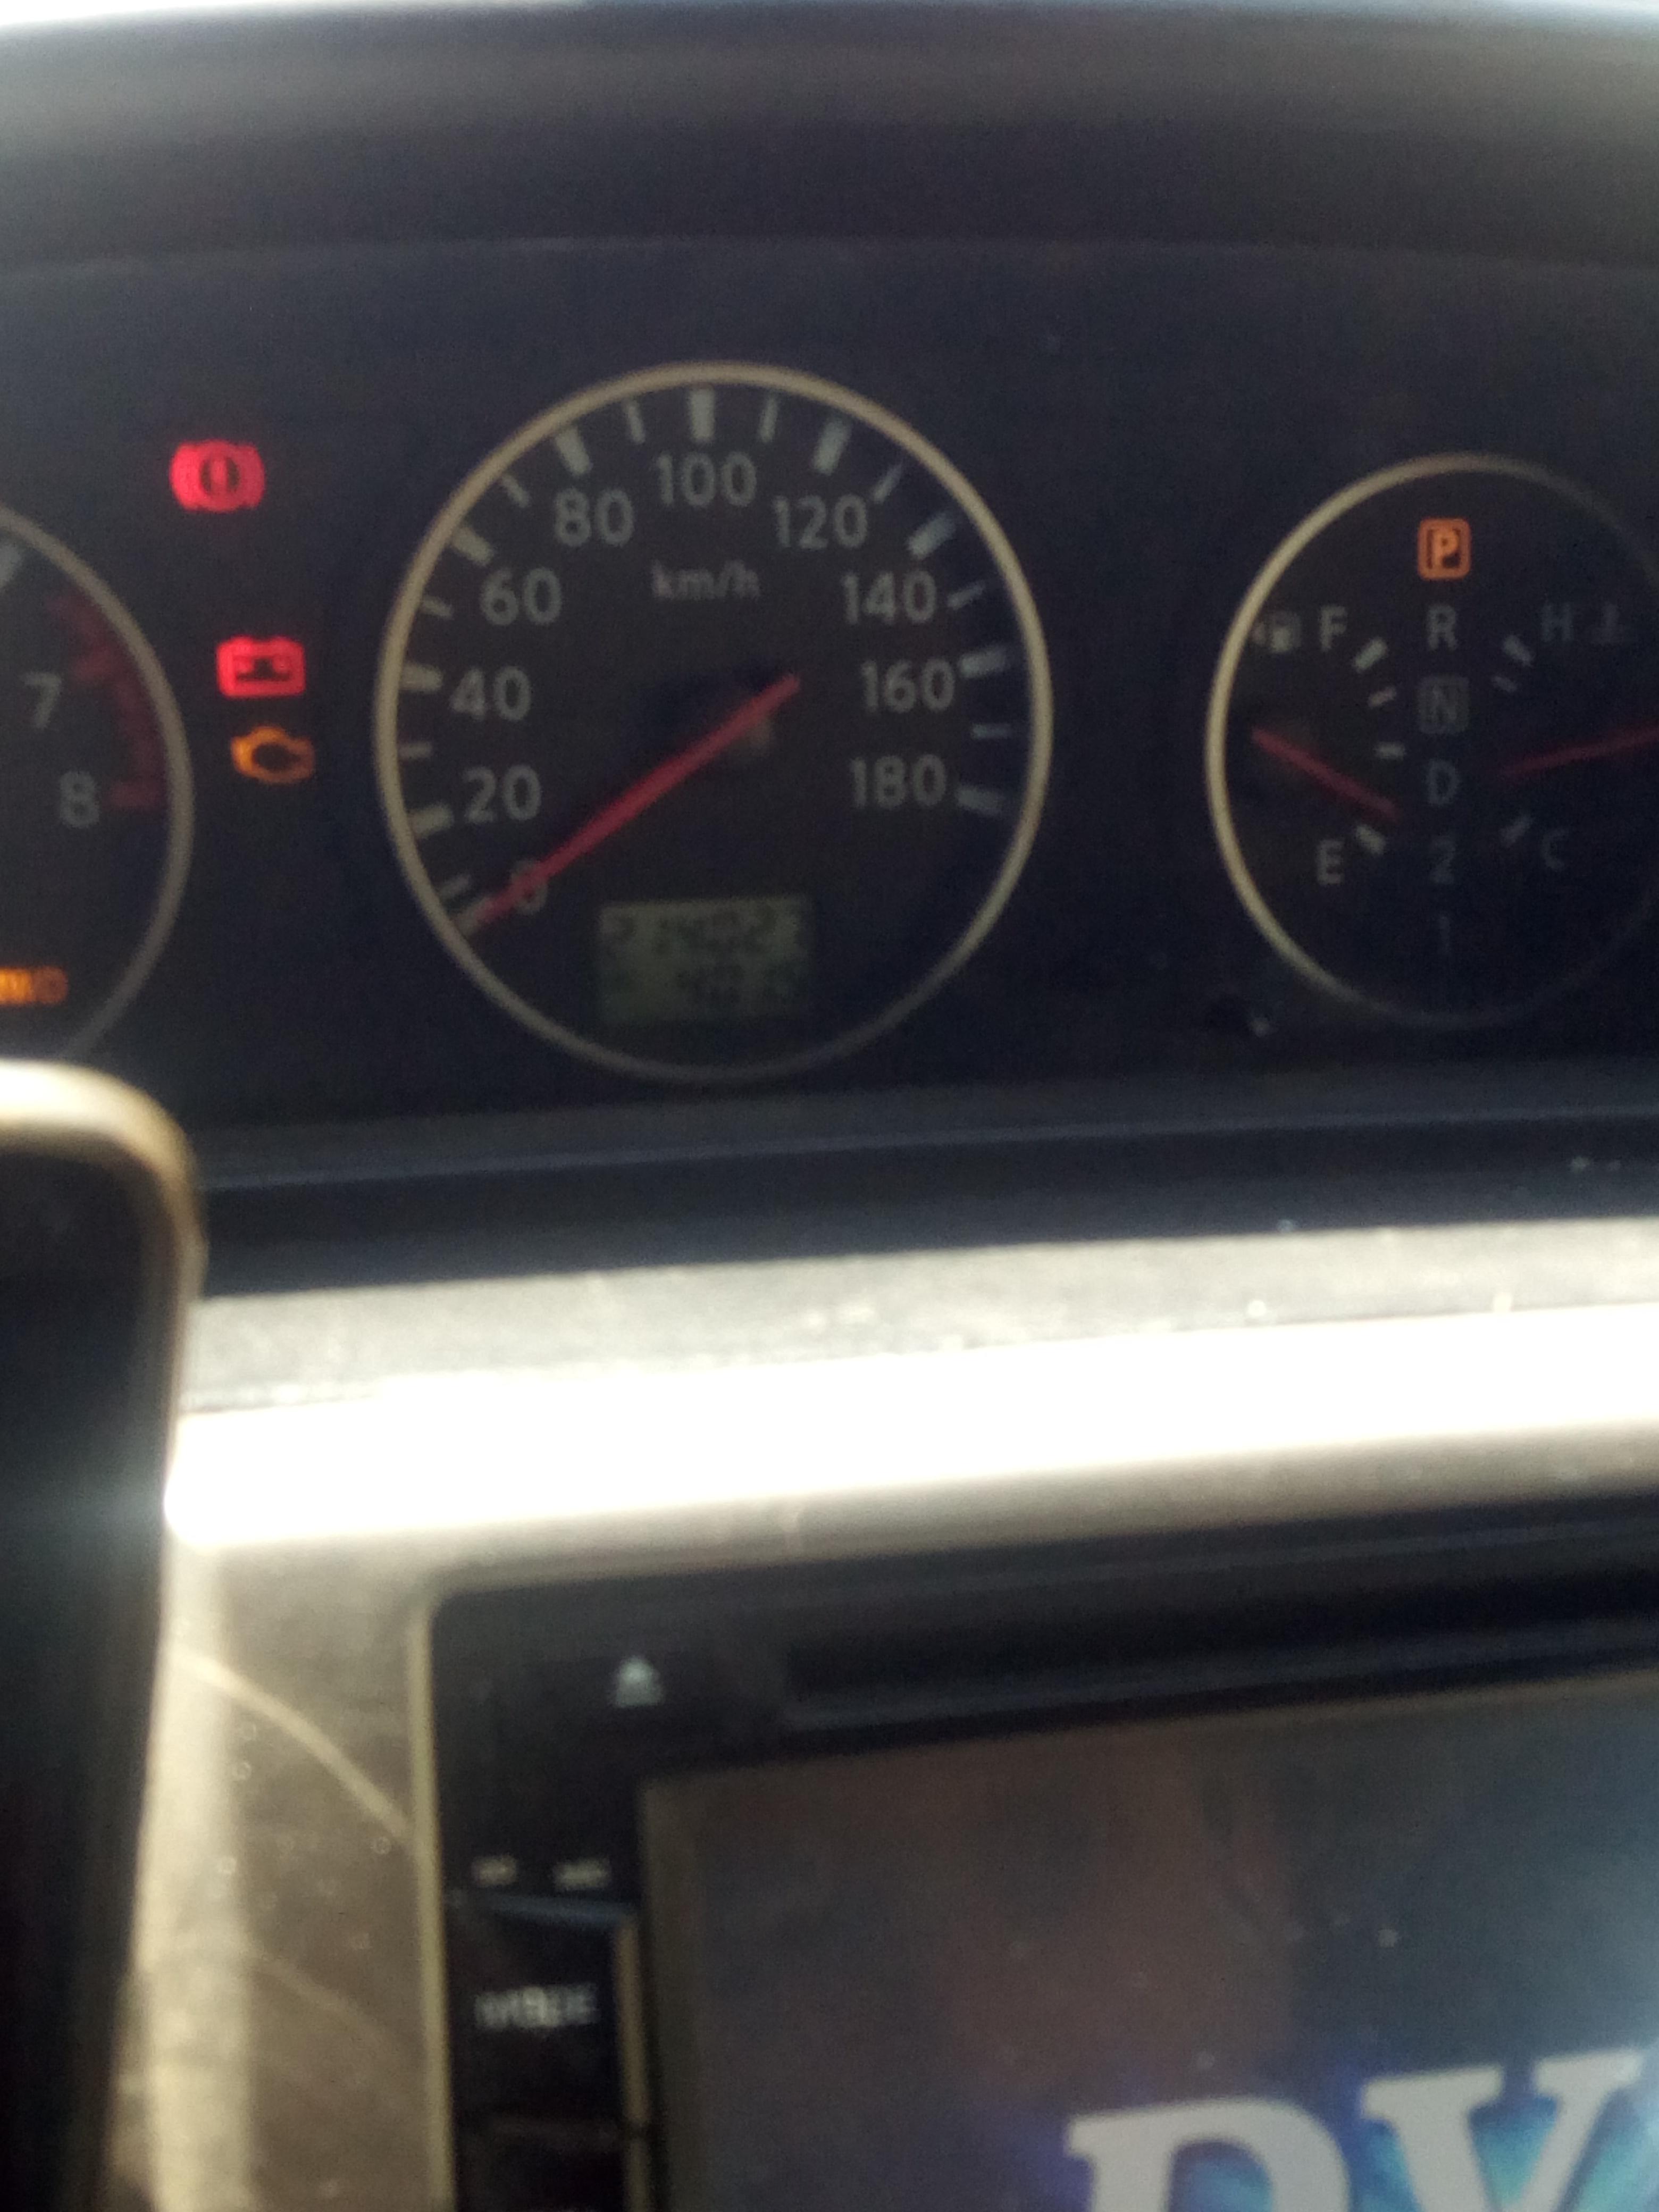 Nissan X-Trail 2.0(lt) 2004 Second hand  $13700